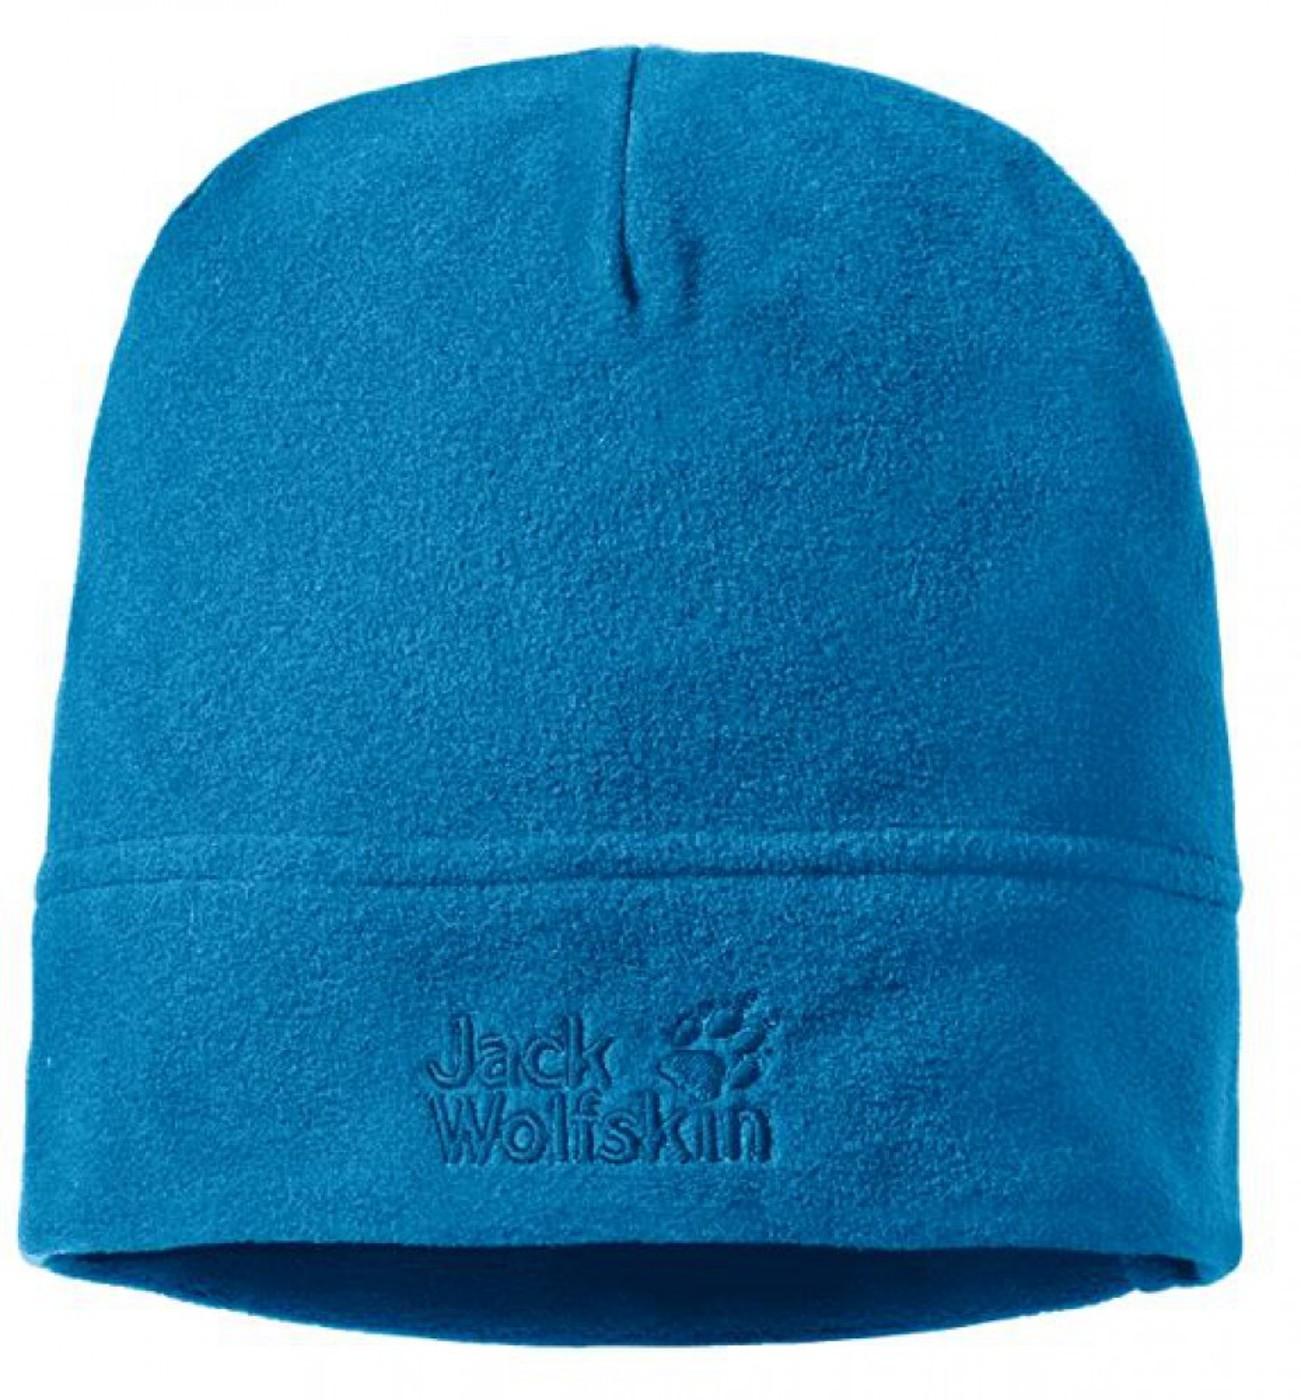 JACK WOLFSKIN REAL STUFF CAP - Herren